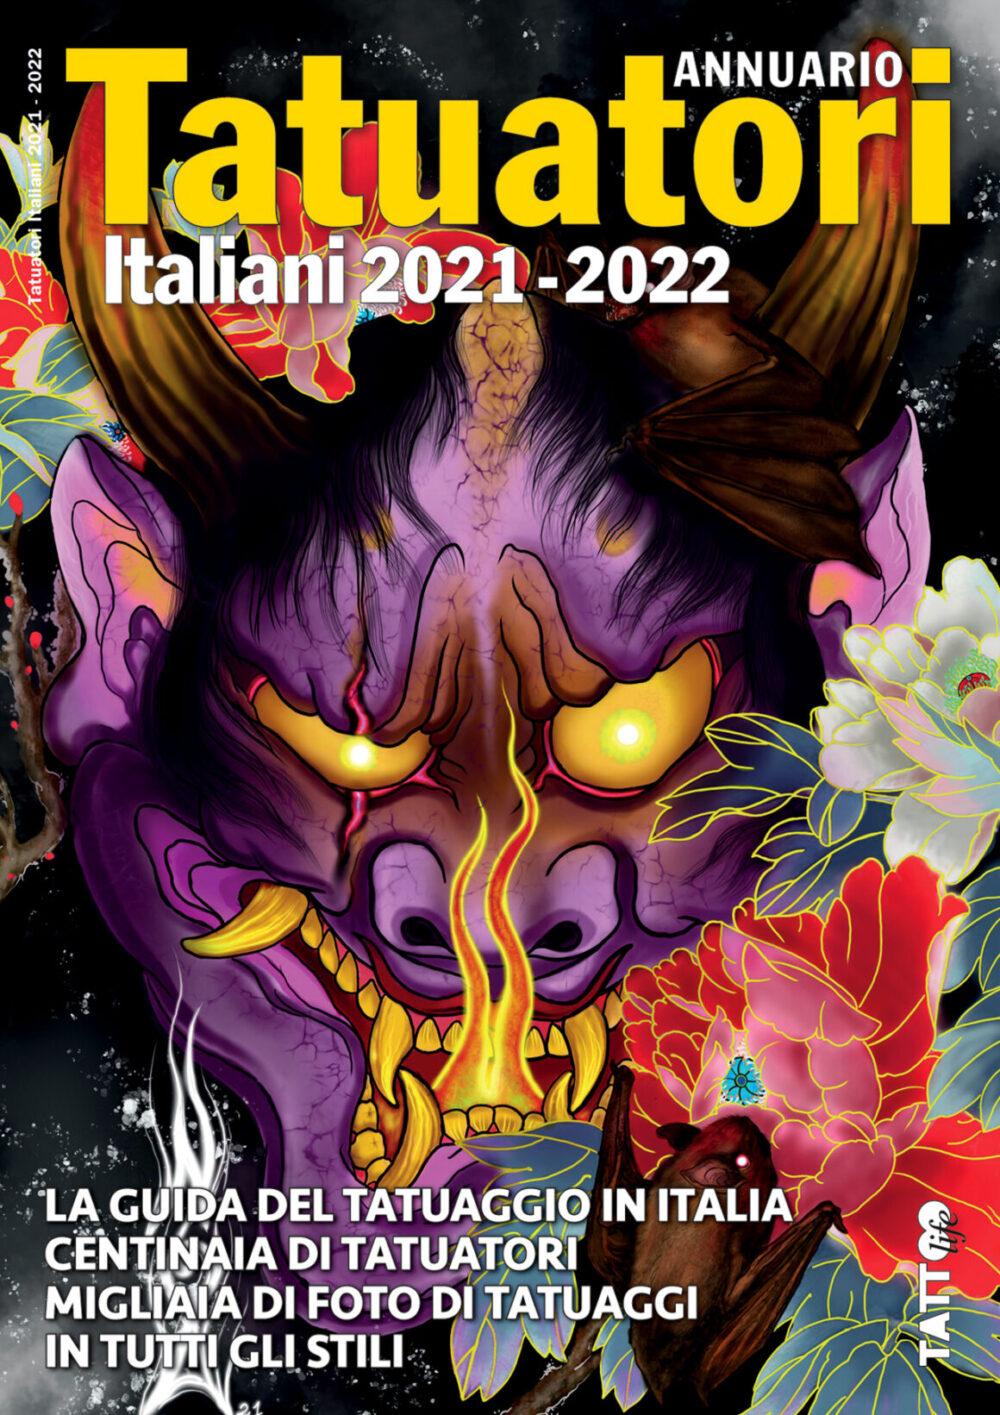 Copertina Annuario Tatuatori Italiani 2021-2022 by Tattoo by Noa Palmisano, @noapalmisano_ink